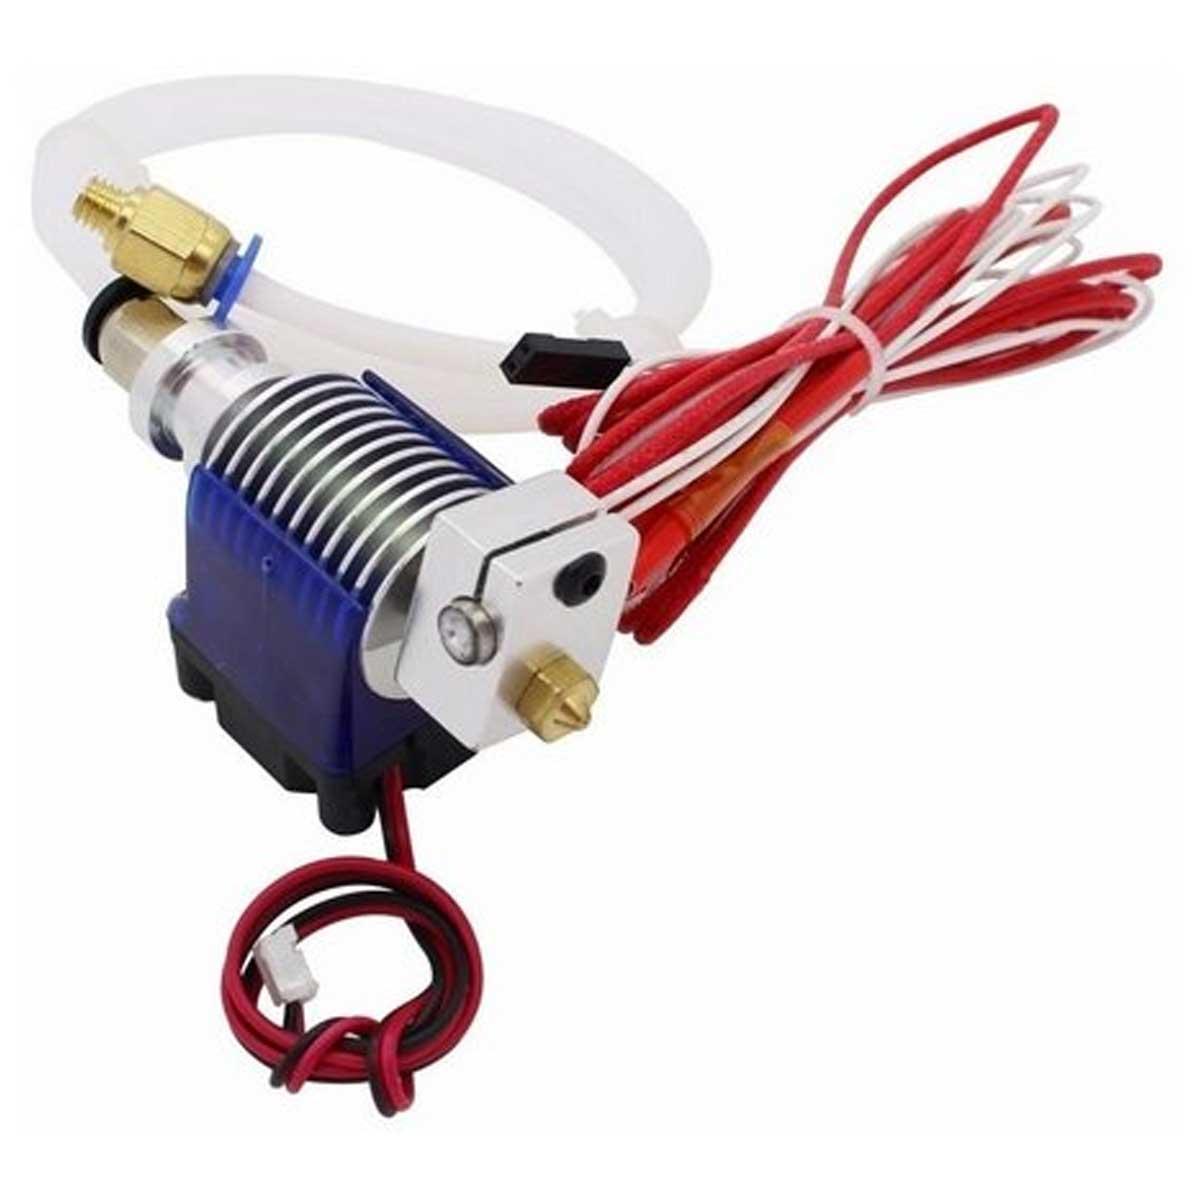 Hotend Bowden Extrusor V6 E3D 1,75mm Impressora 3d + Cooler + Termistor + Nozzle